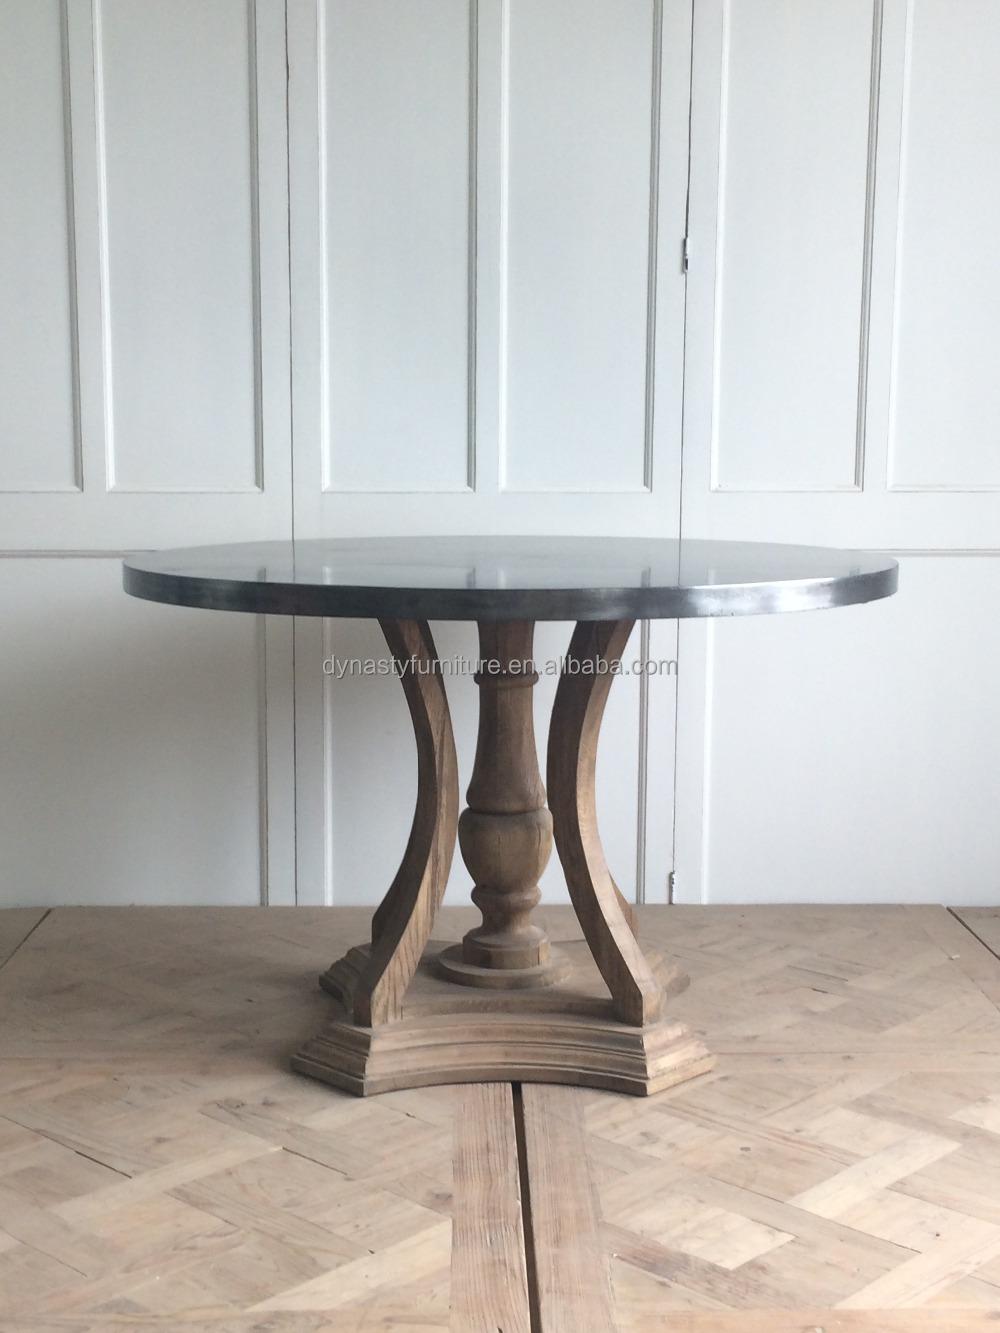 estilo francs clsico de madera antigua mesa de comedor redonda